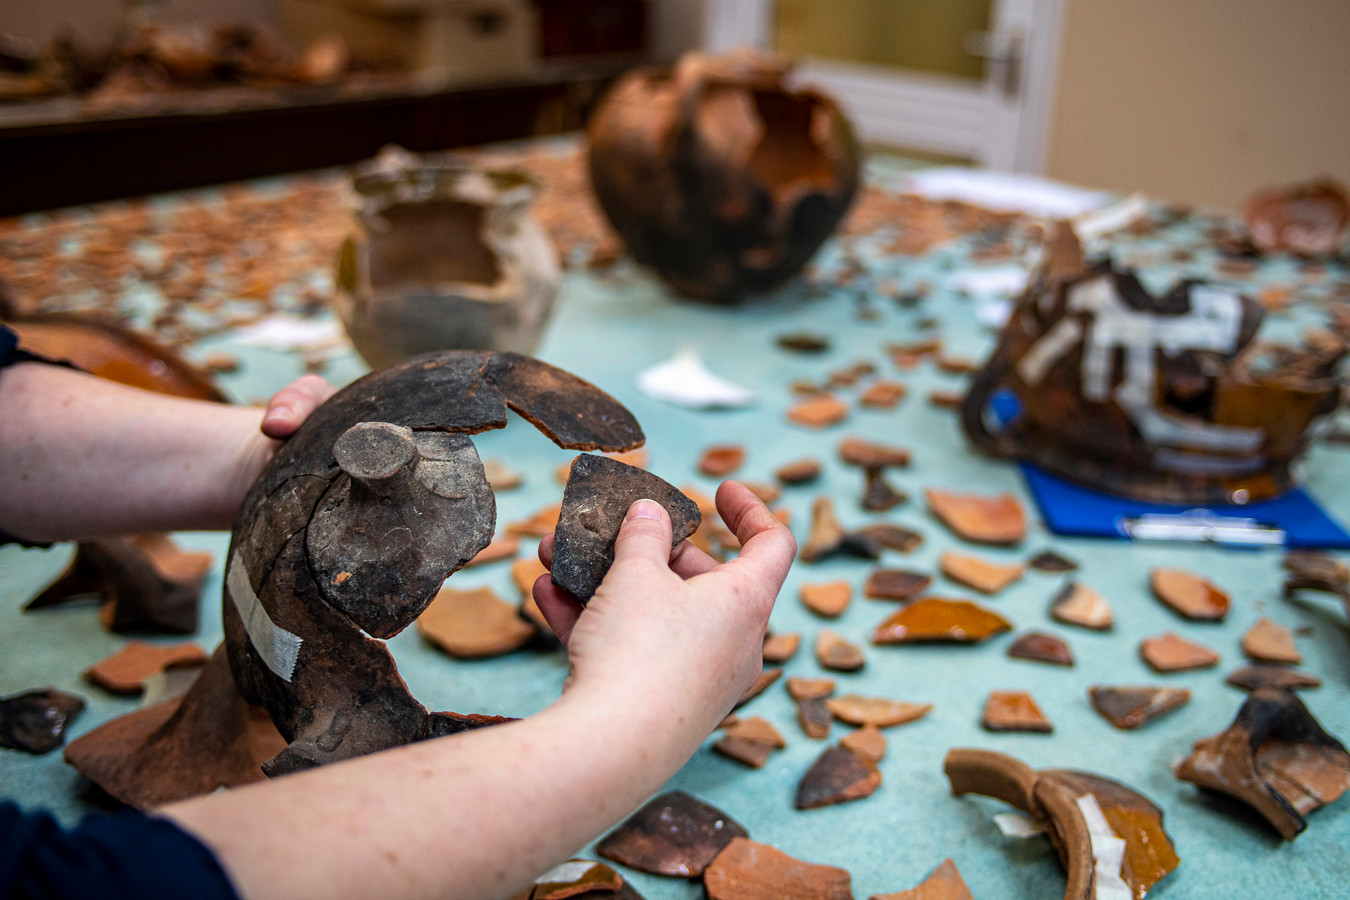 In een van de werkkamers puzzelen vrijwilligers met scherven voor een reconstructie van oud aardewerk.